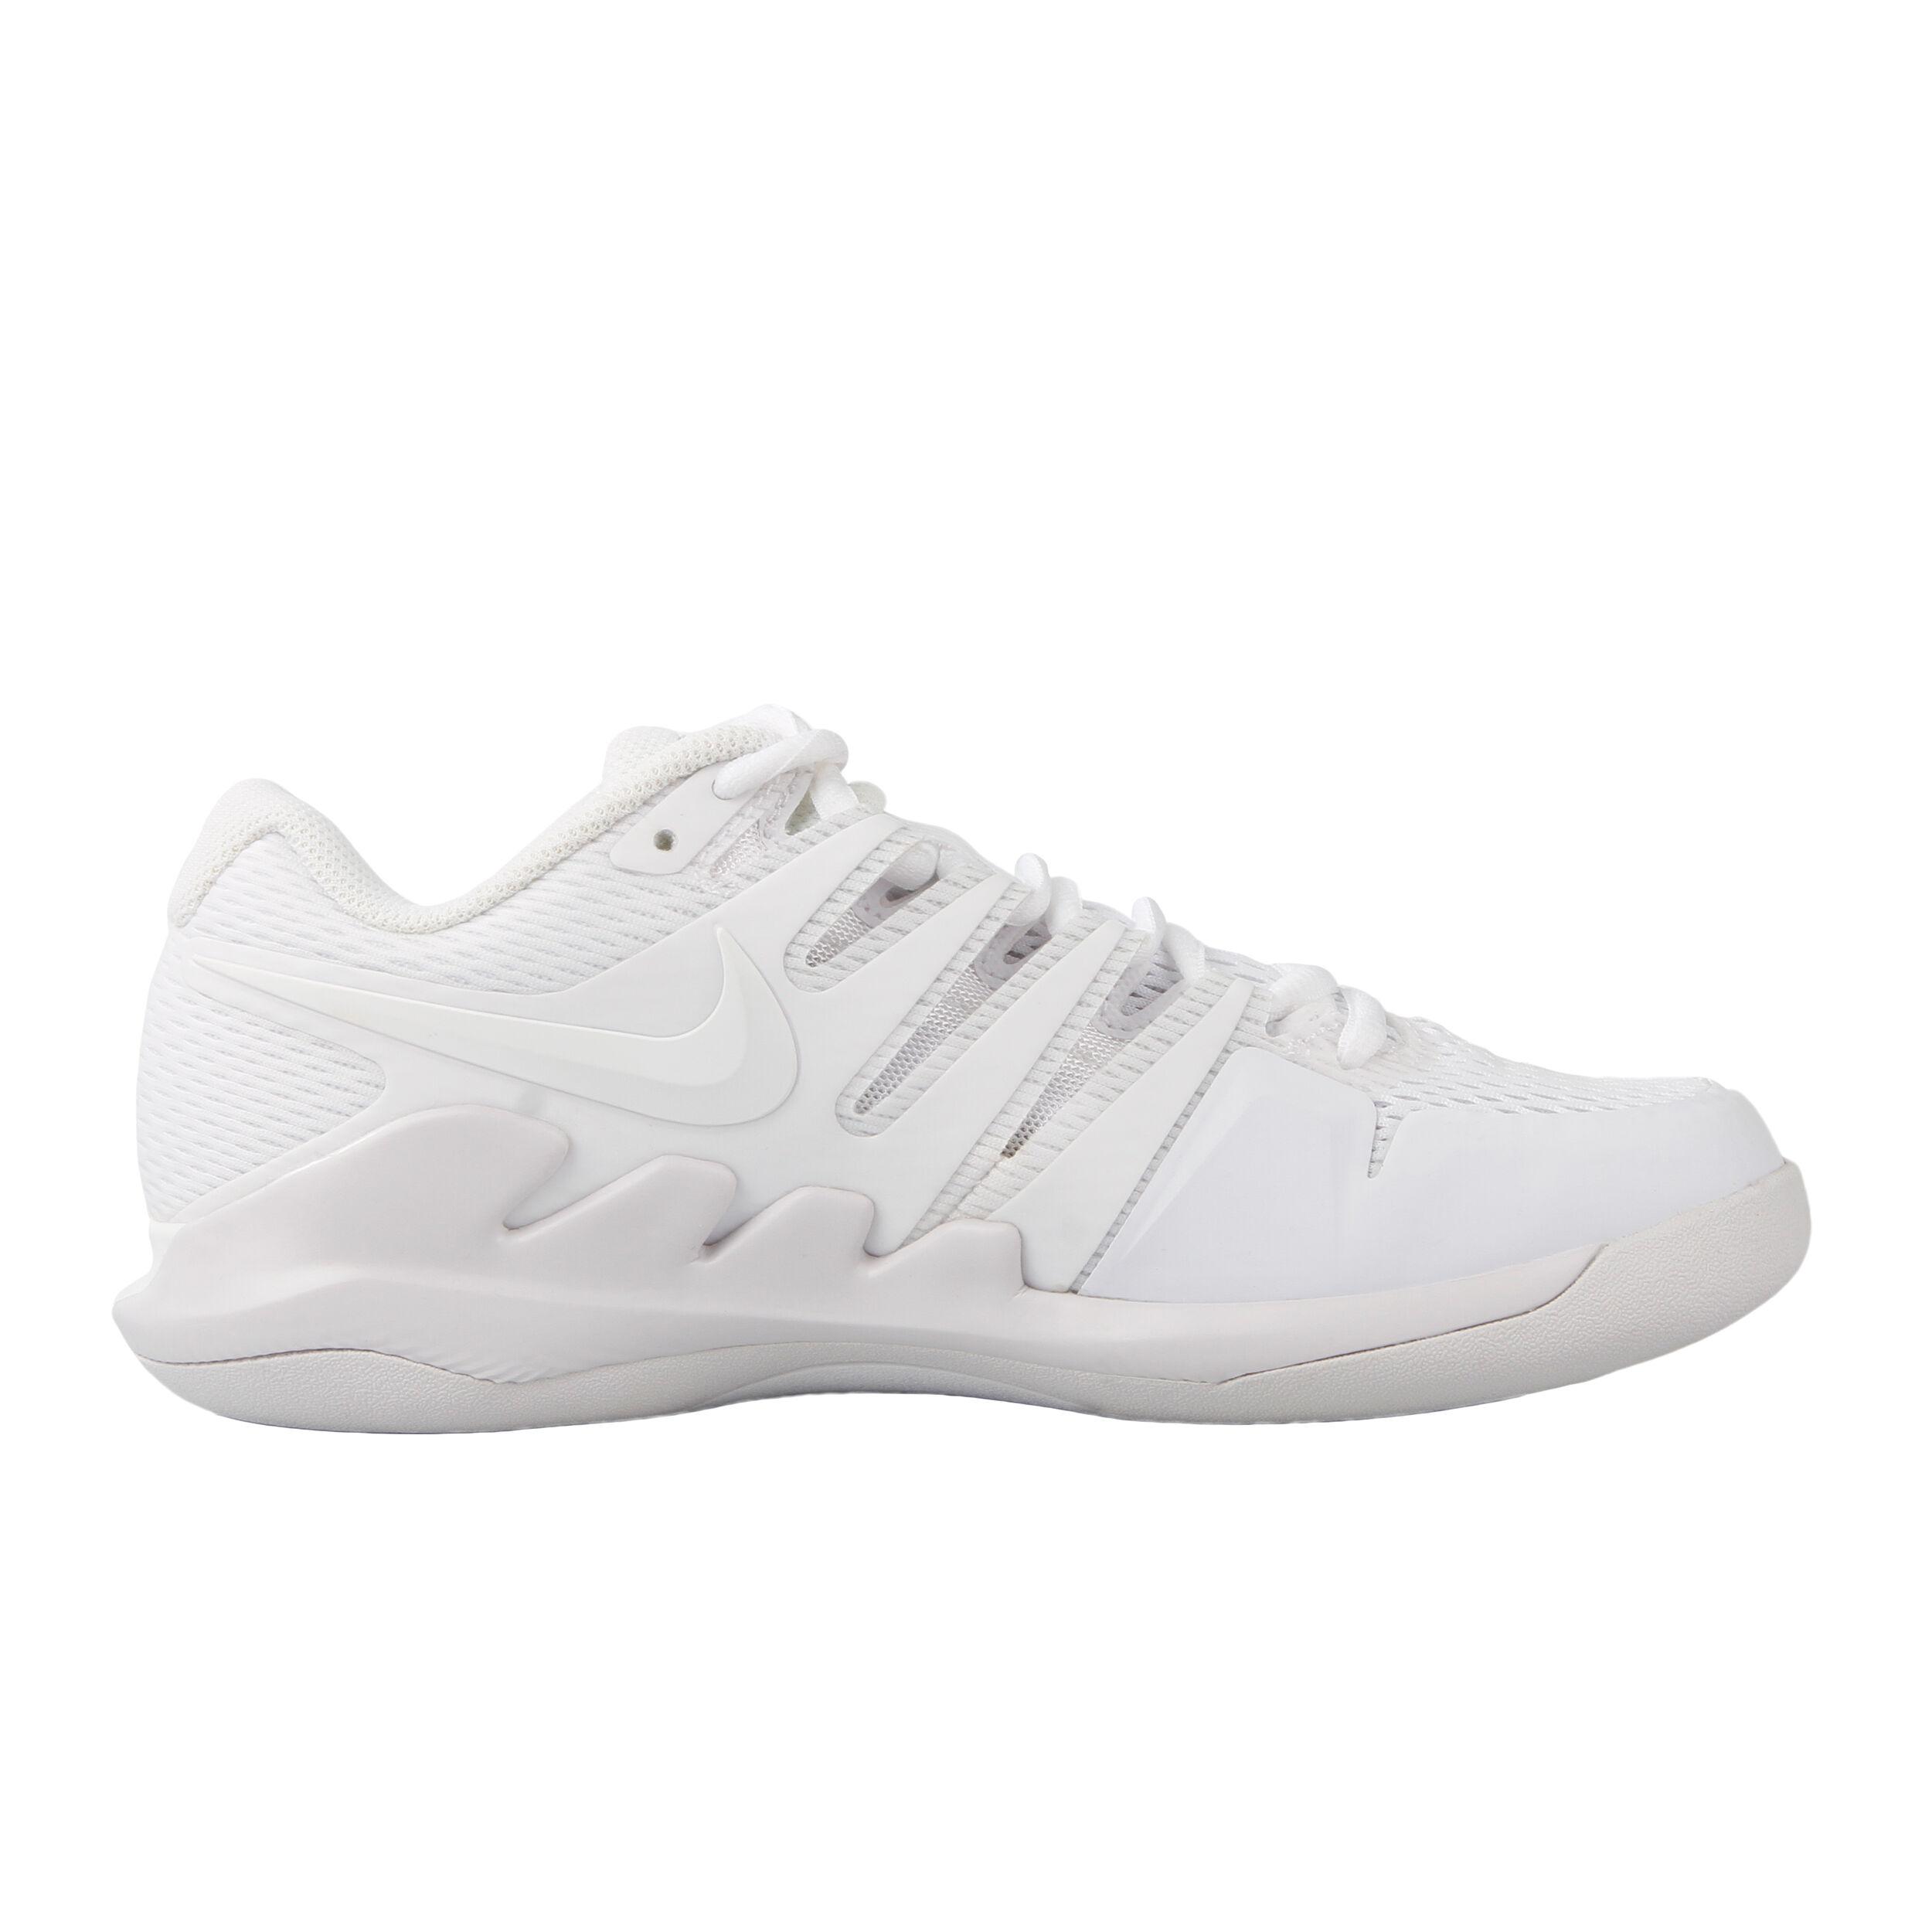 Nike Air Zoom Vapor 10 Chaussure Moquette Femmes Blanc